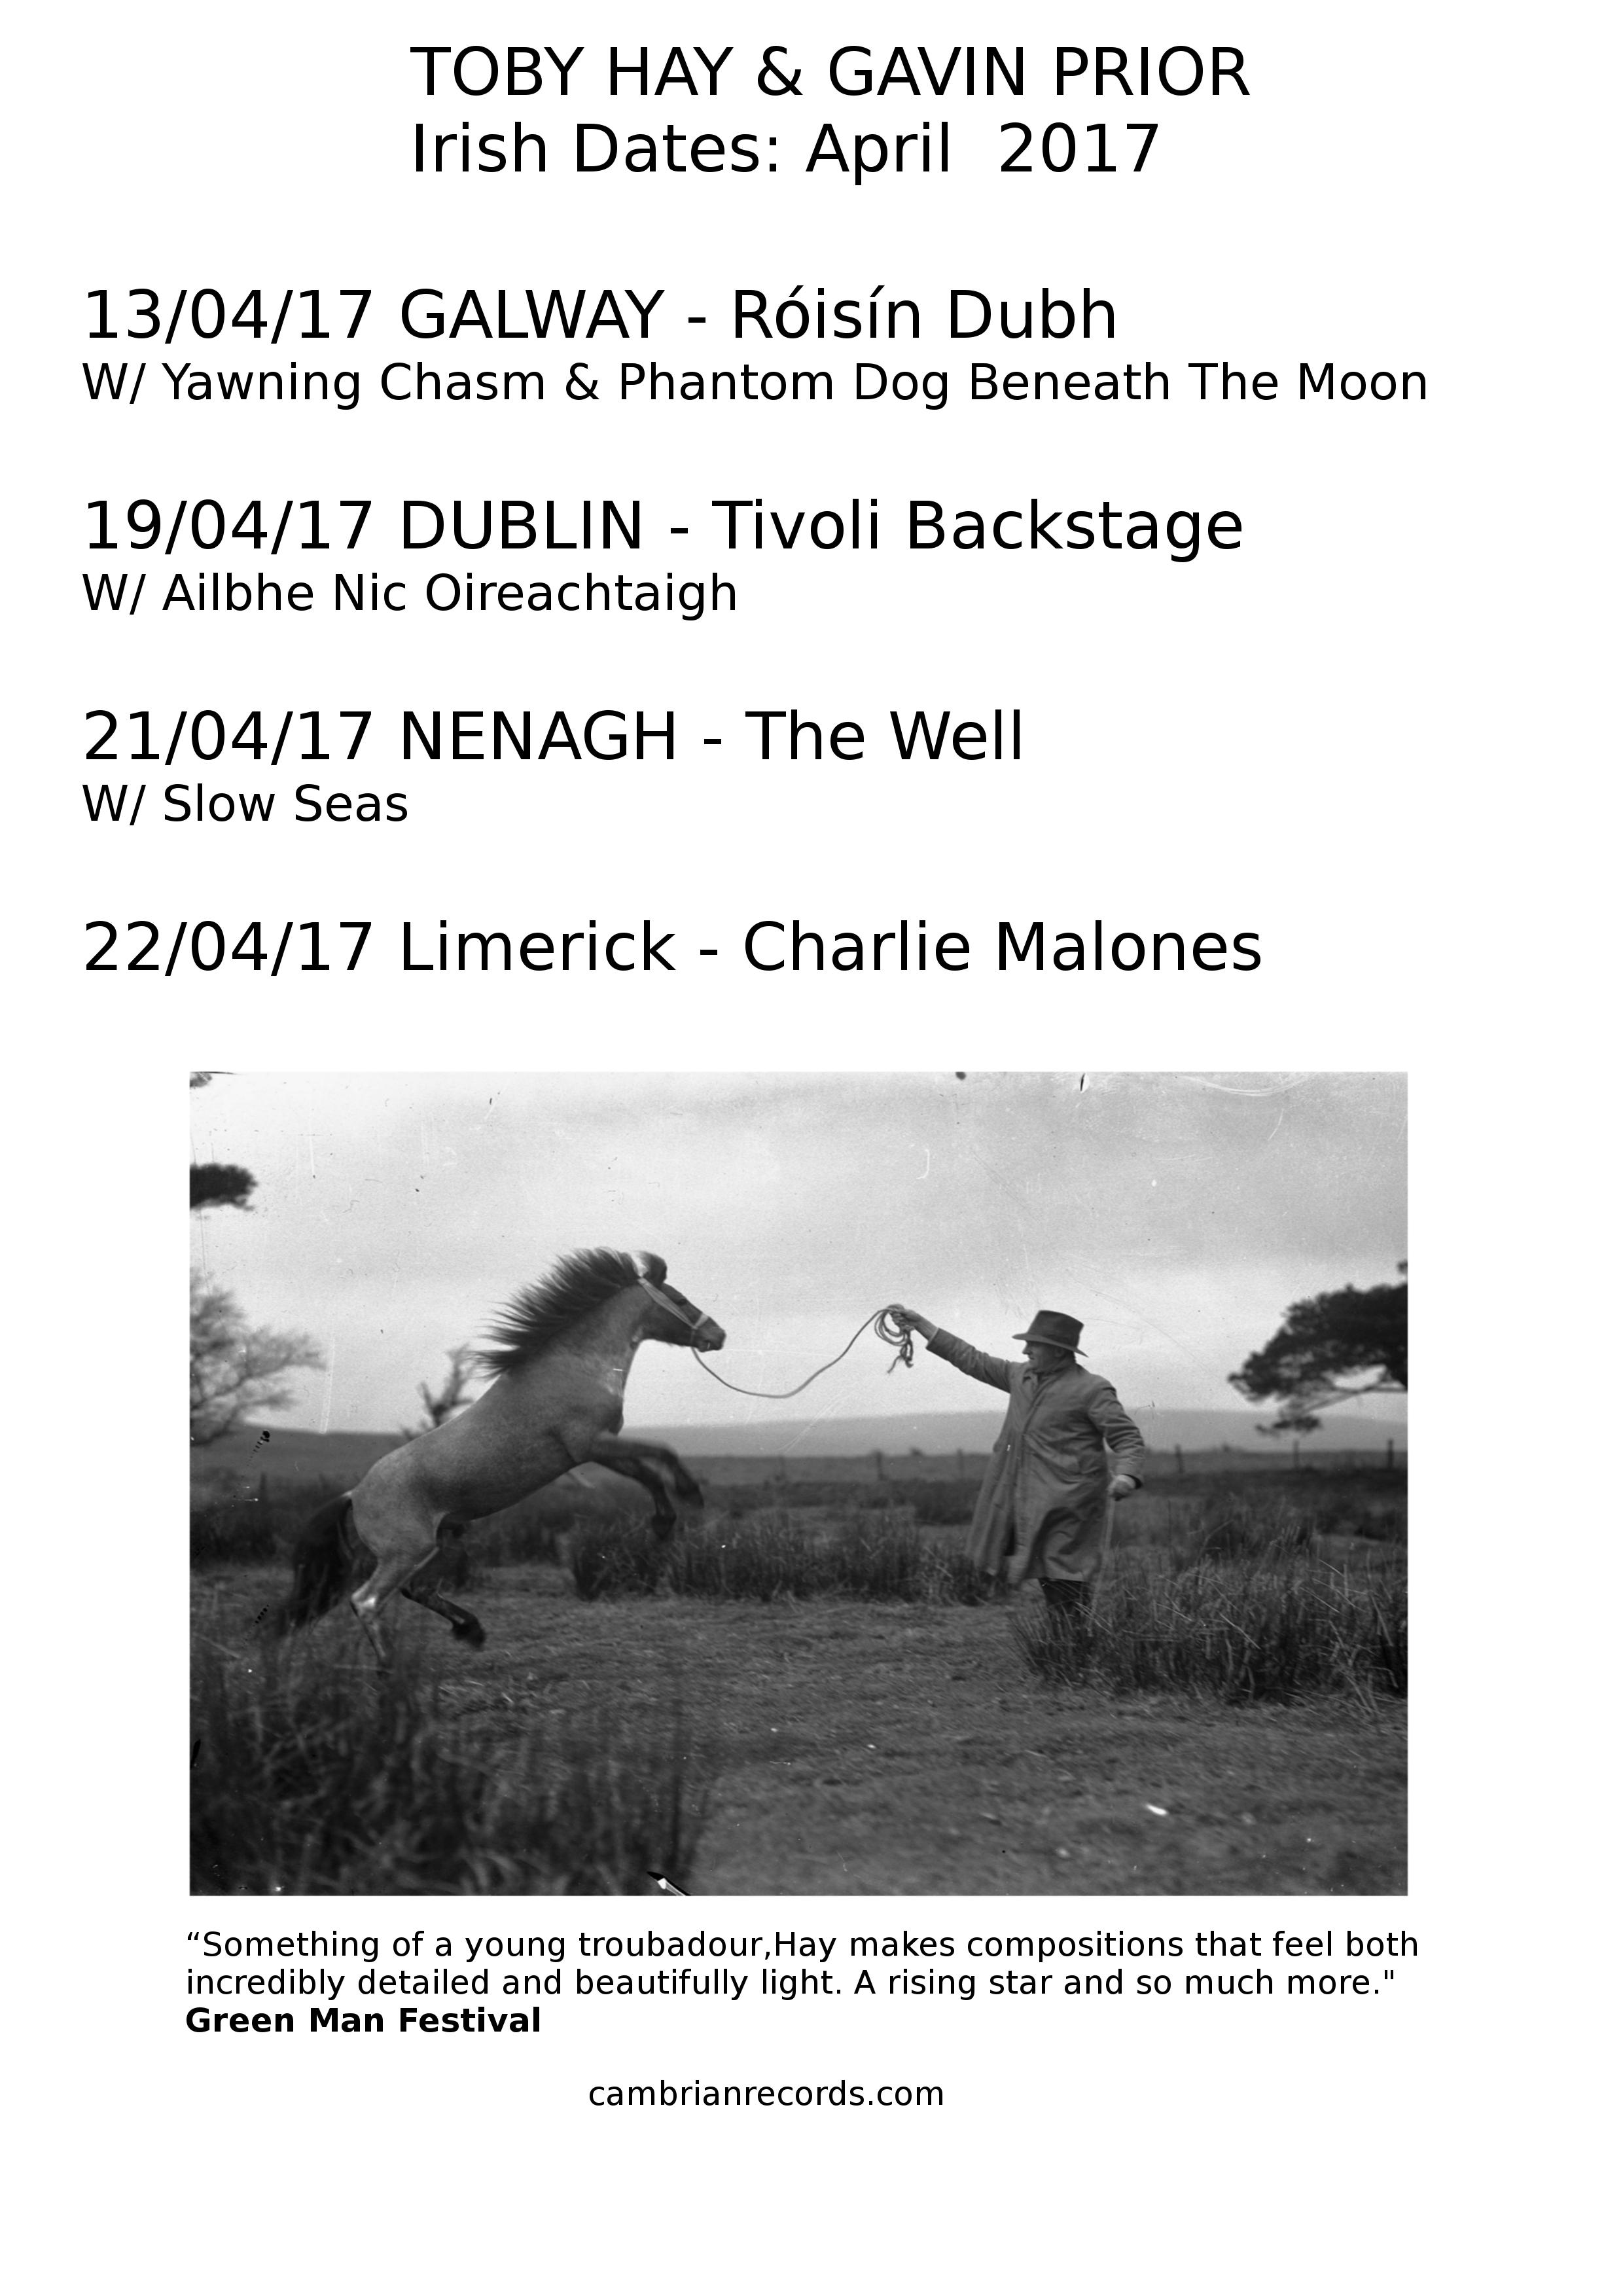 Toby Hay & Gavin Prior Irish Dates 2017